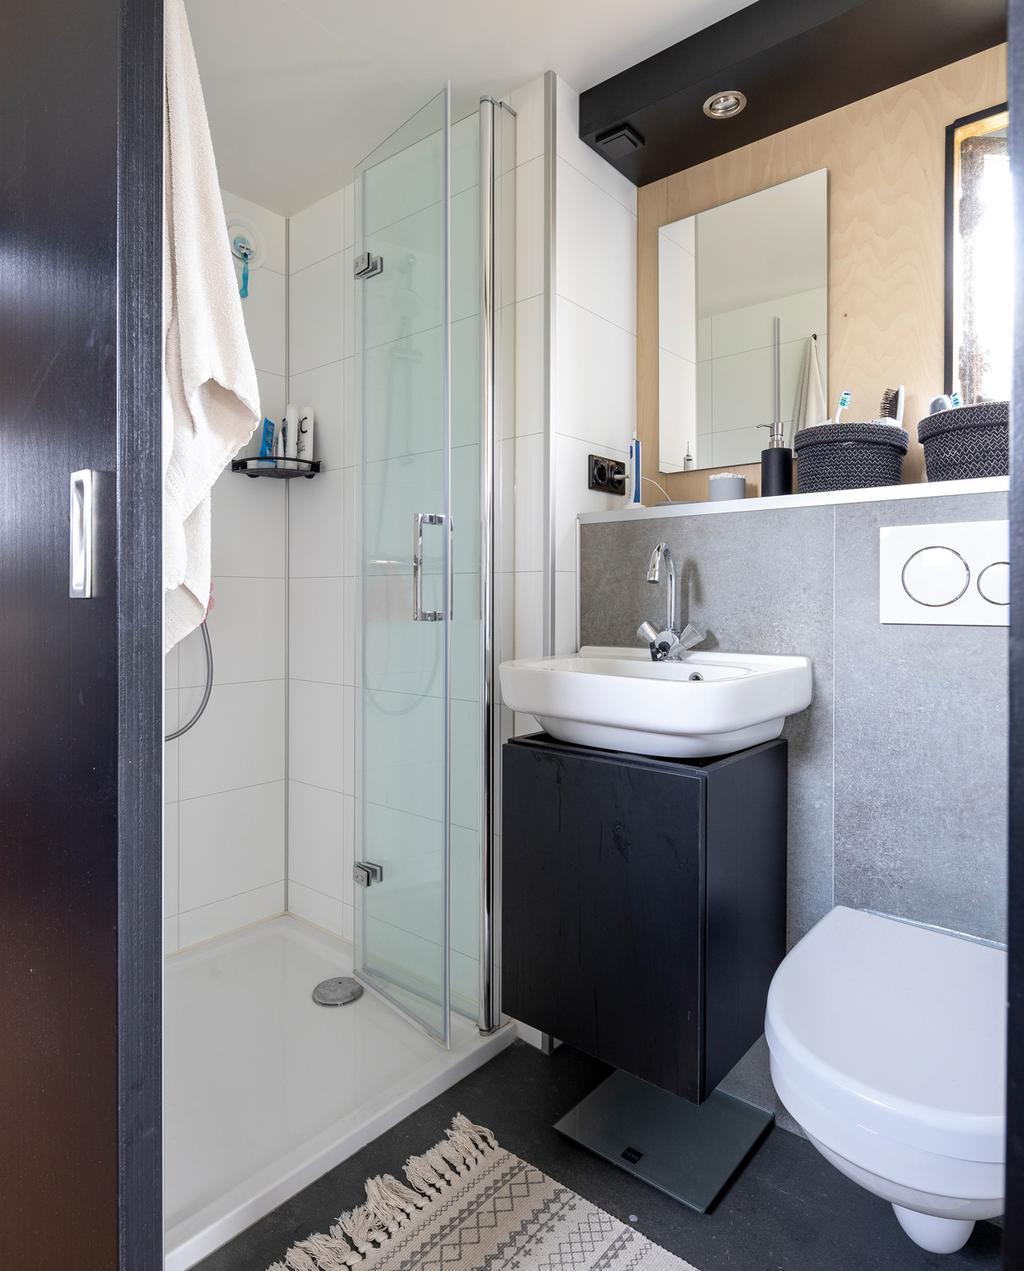 vtwonen special tiny houses | badkamer met douche